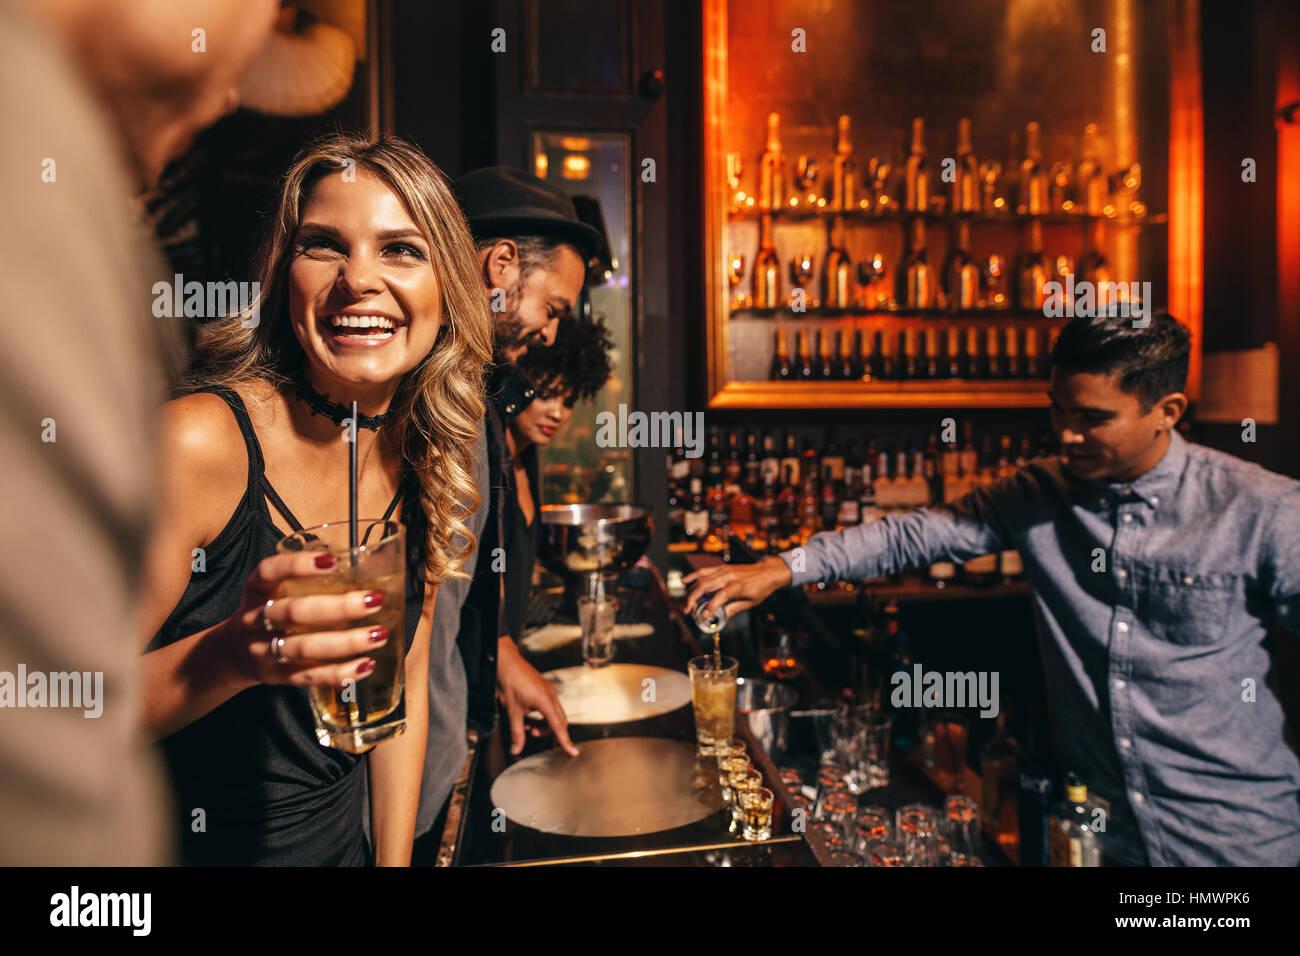 Schöne junge Frau mit ihren Freunden am Bar. Junge Menschen genießen Sie eine Nacht im Club. Stockbild